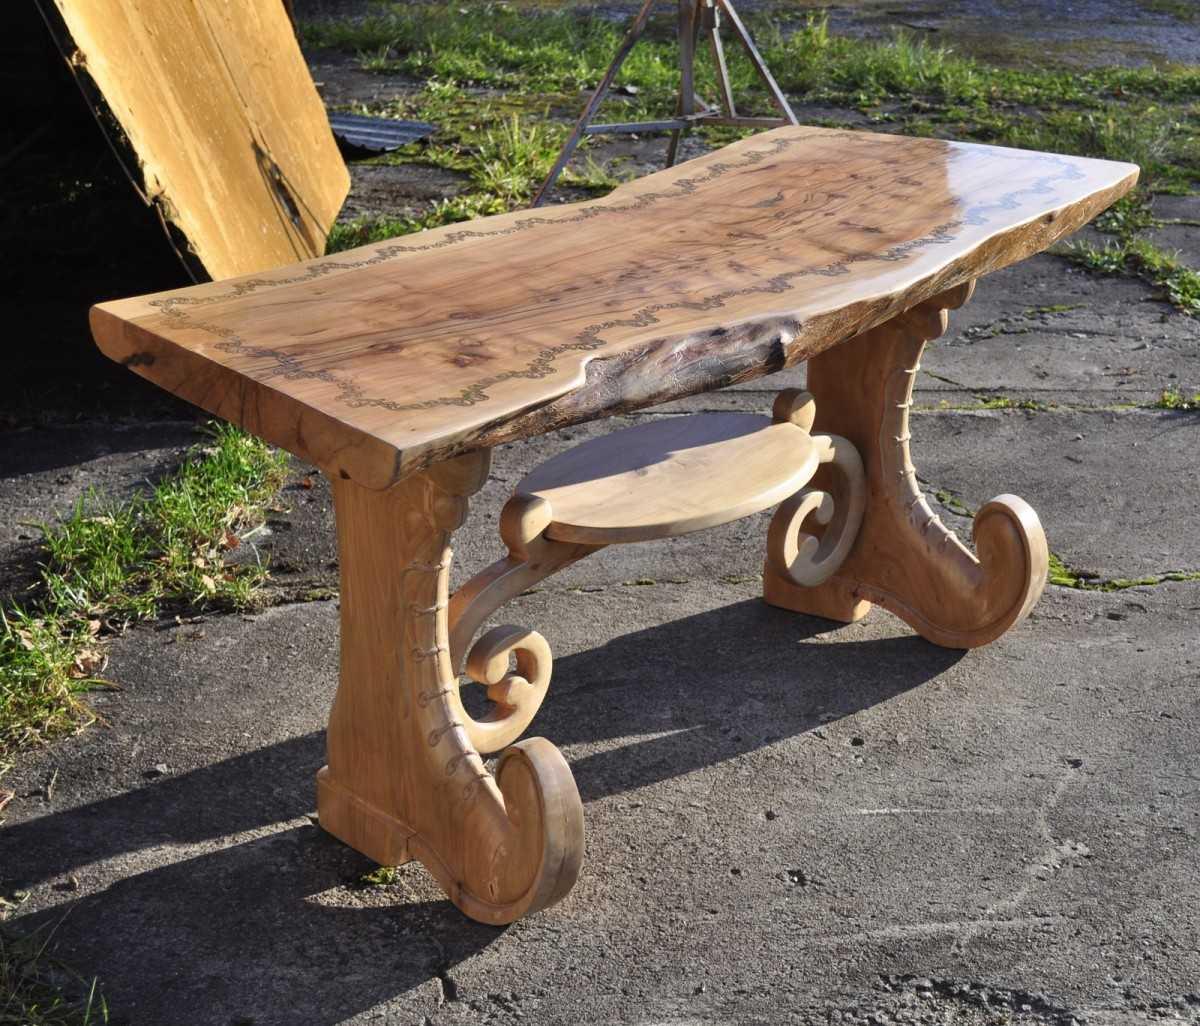 стол из массива дерева 92 фото дизайна и практичности